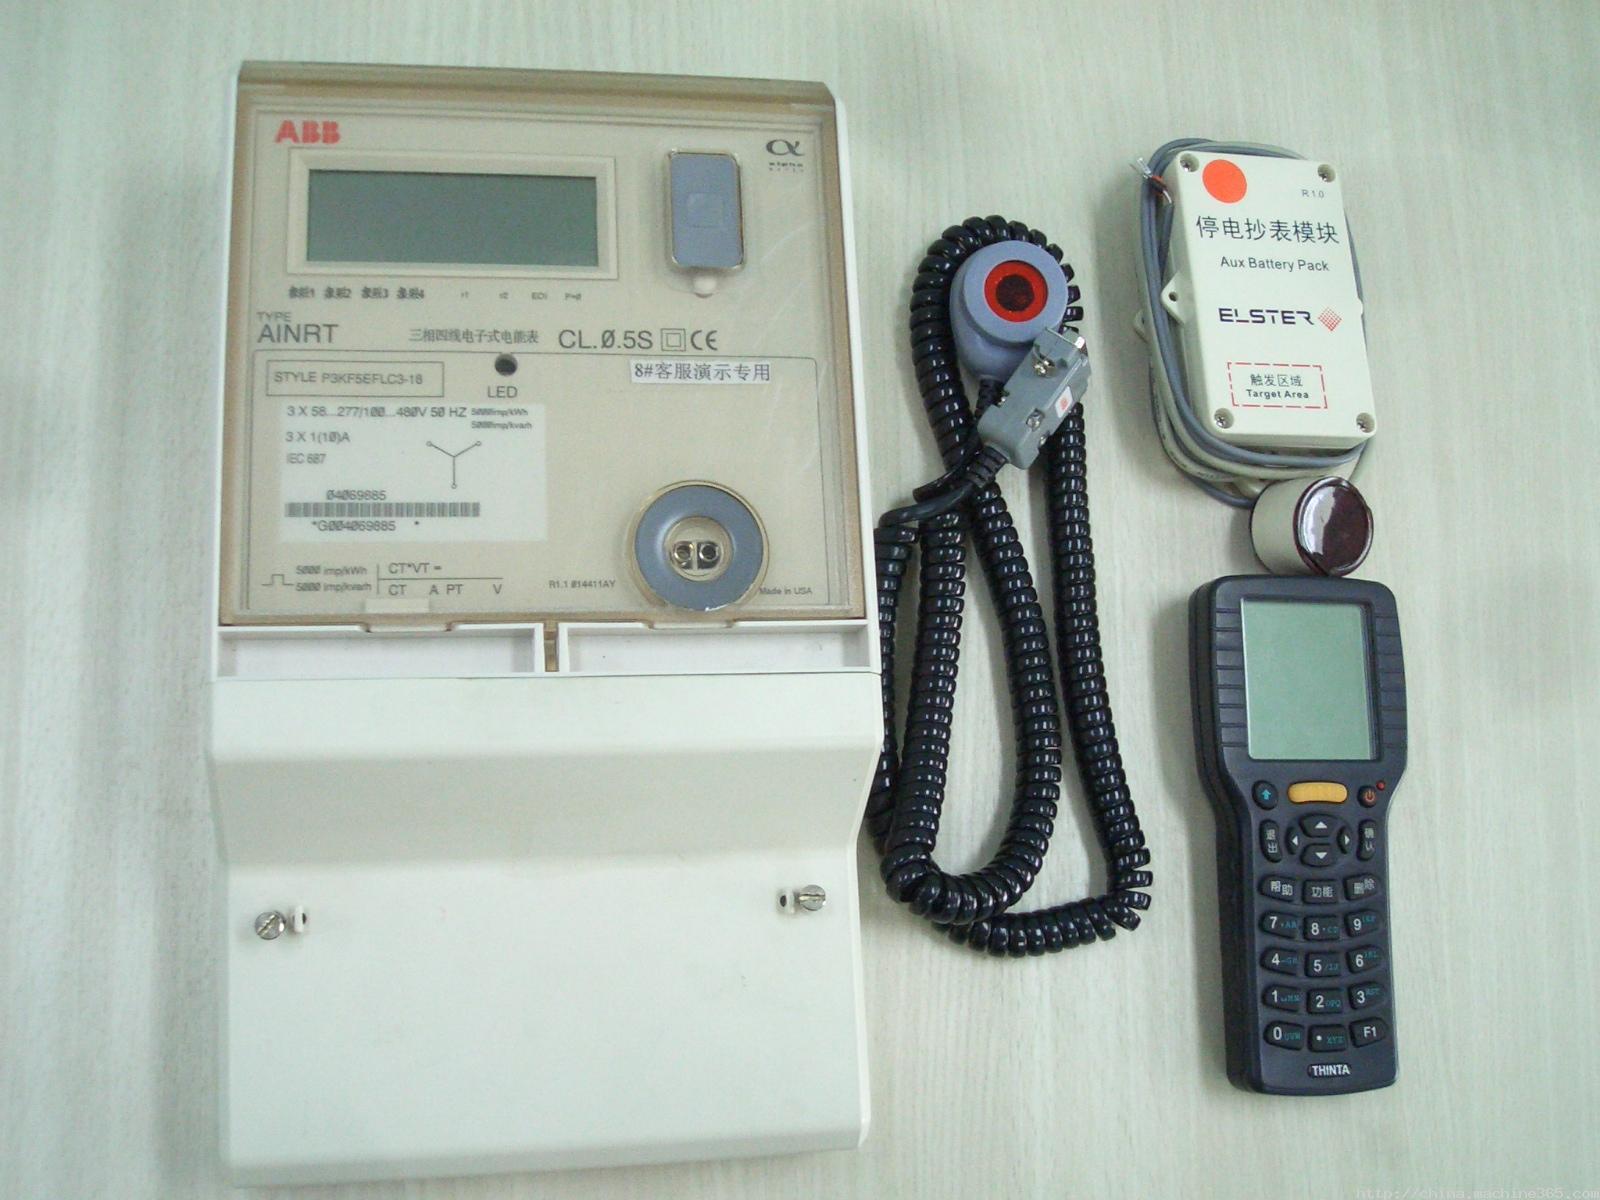 供应多功能电子式电表及其配件